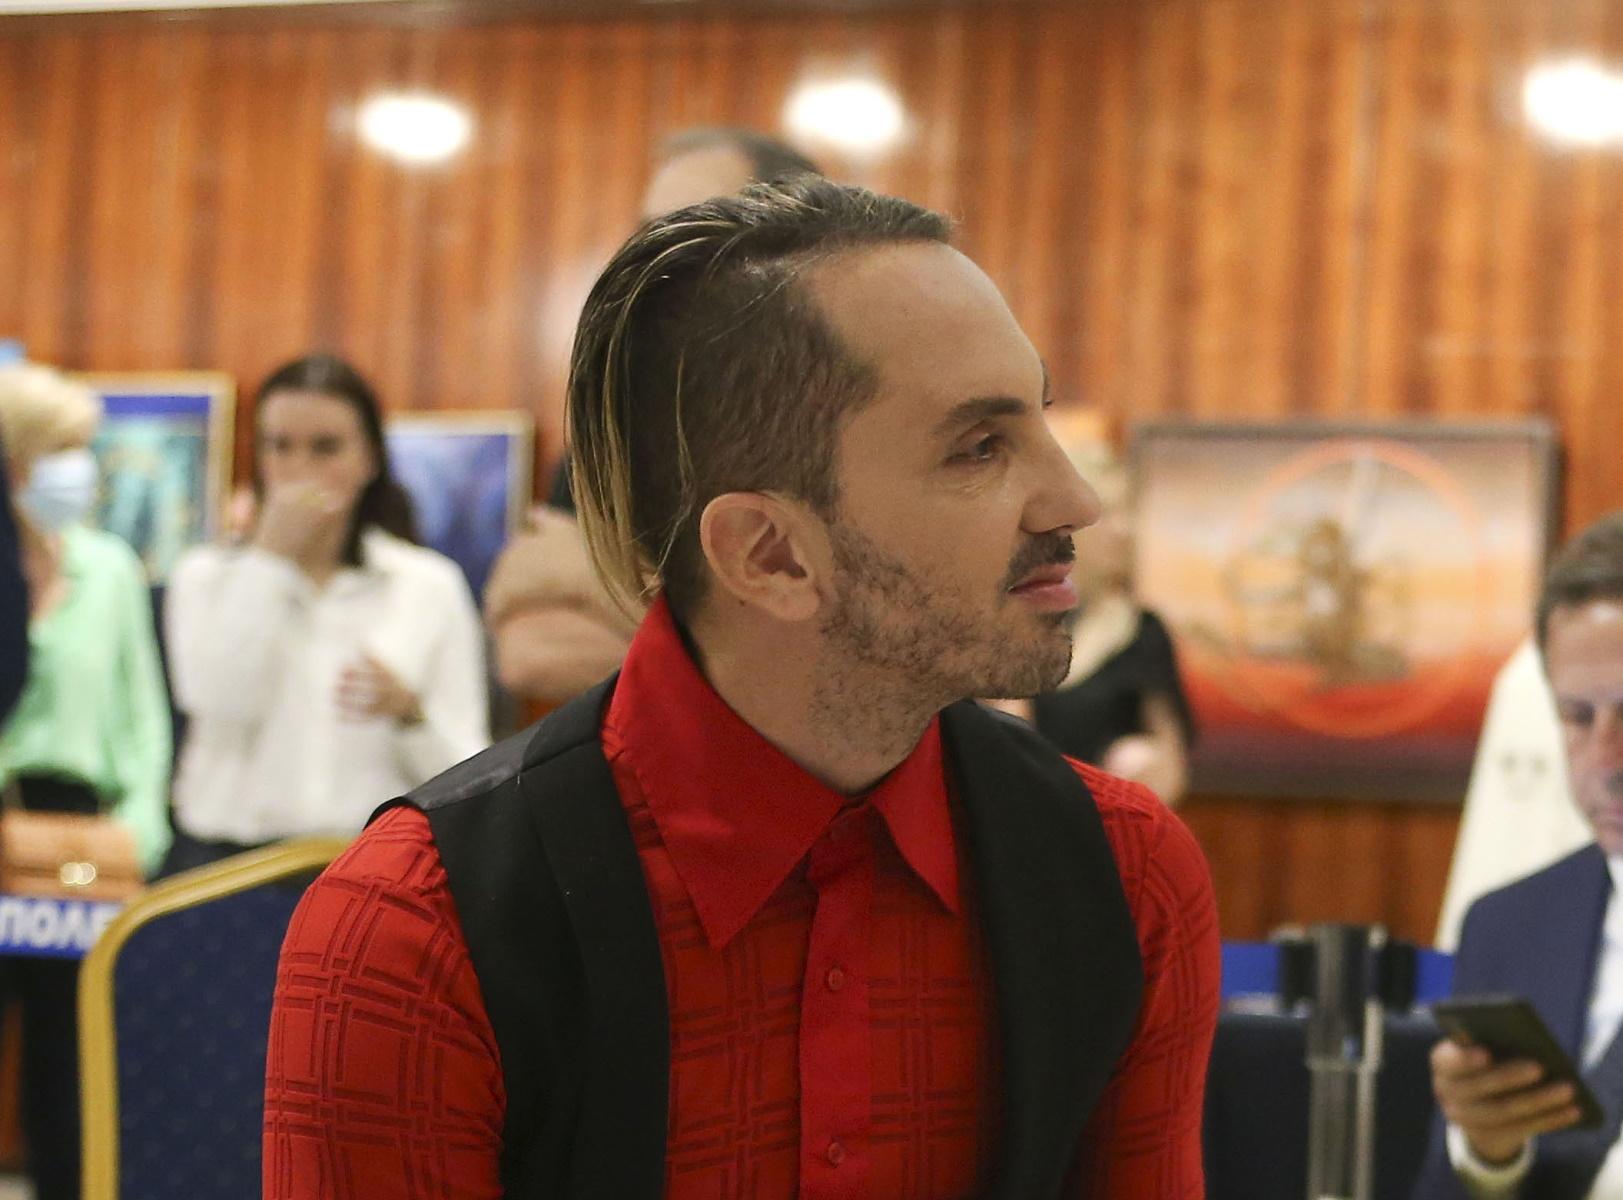 Ιωάννης Μελισσανίδης: Ο πρώτος ανοιχτά γκέι Έλληνας Ολυμπιονίκης μιλά για την ομοφοβία